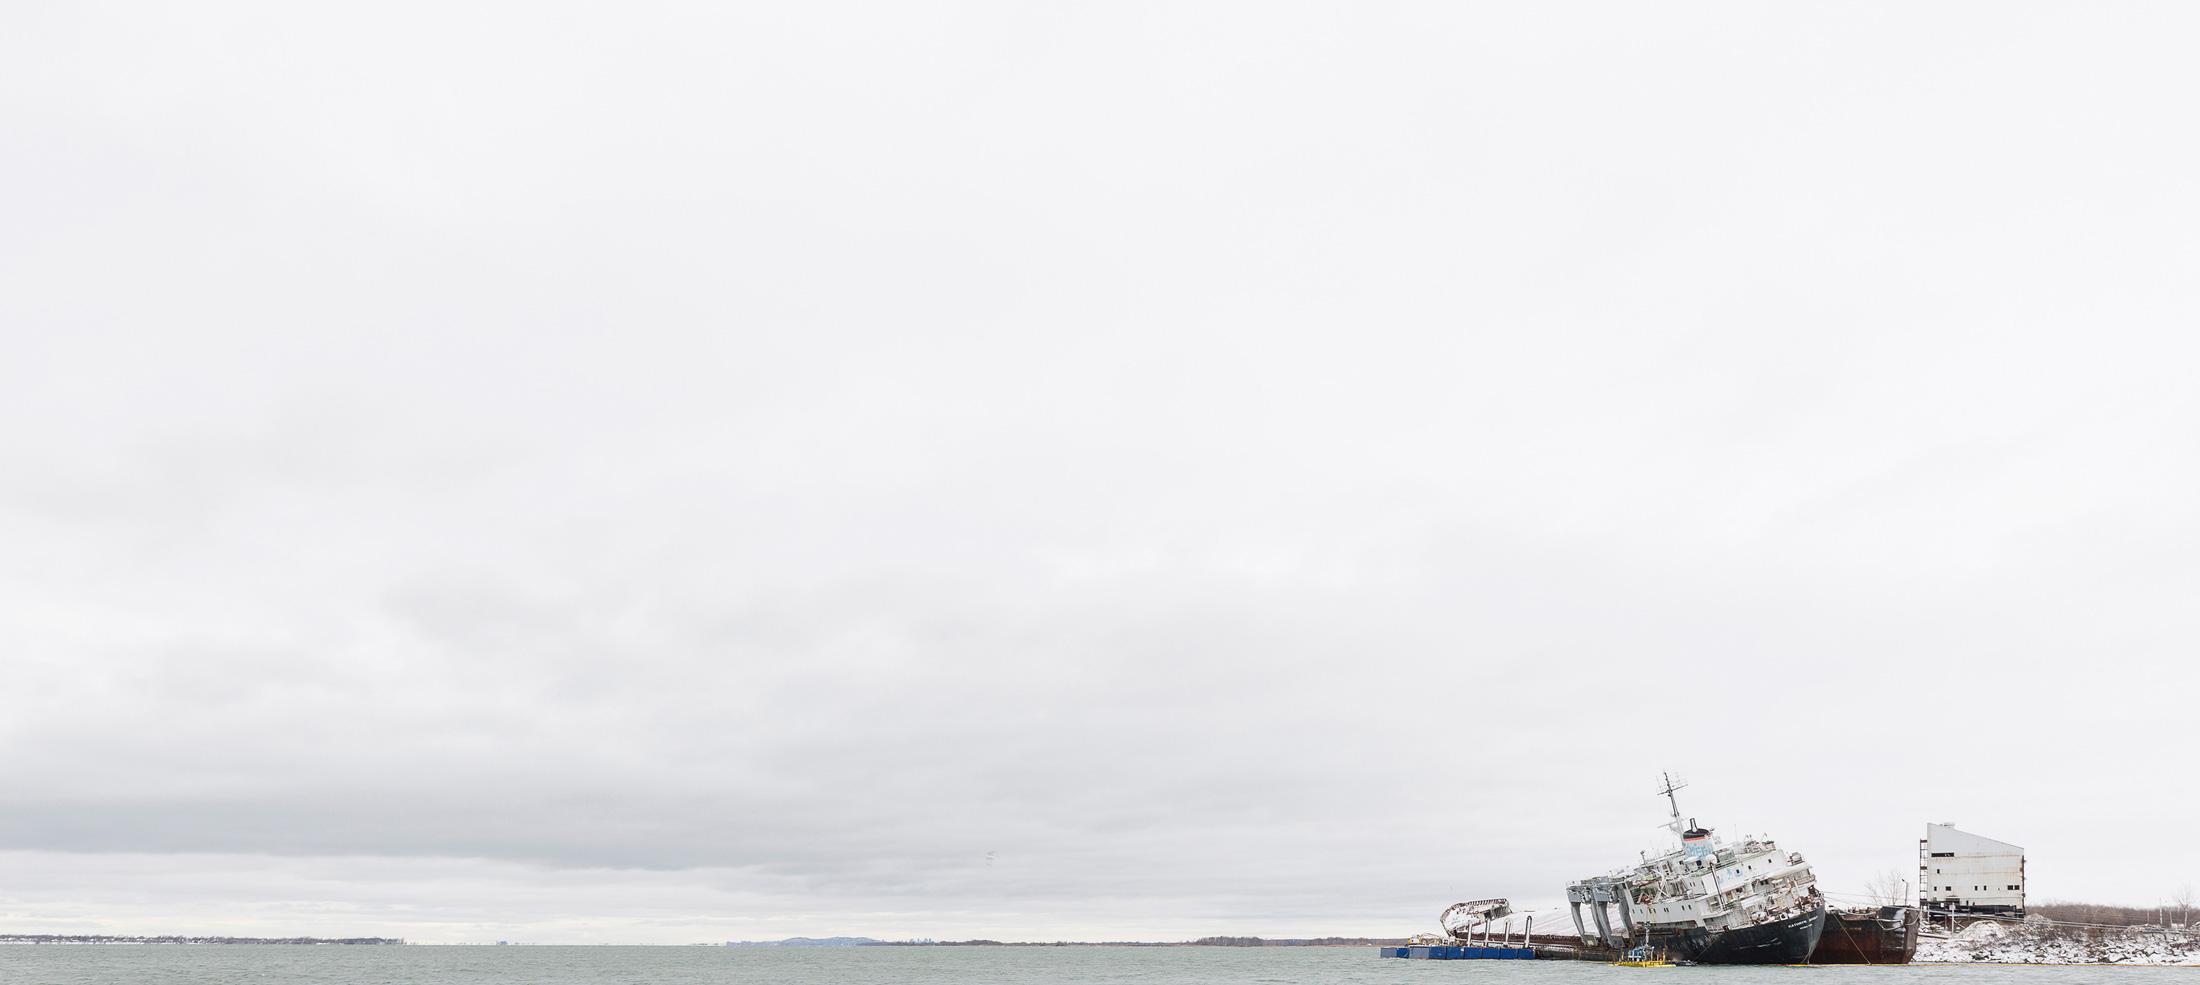 paysage côtier fleuve bateau abandonné